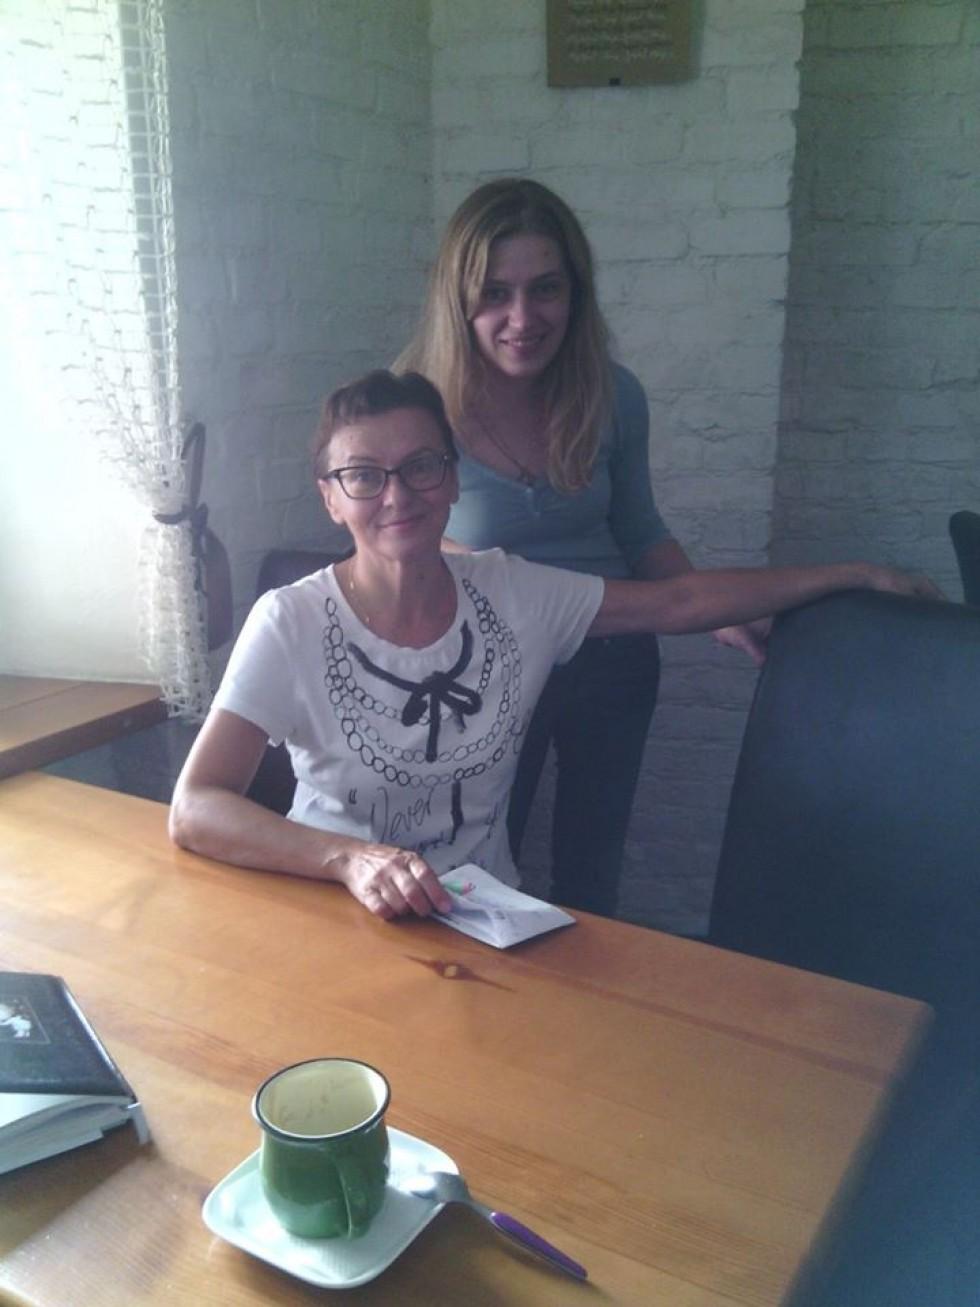 Олена Черенкова та Інна Нечипорук, юрист, радник з проблем переселенців у Міністерстві соціальної політики, яка допомагає луцьким переселенцям